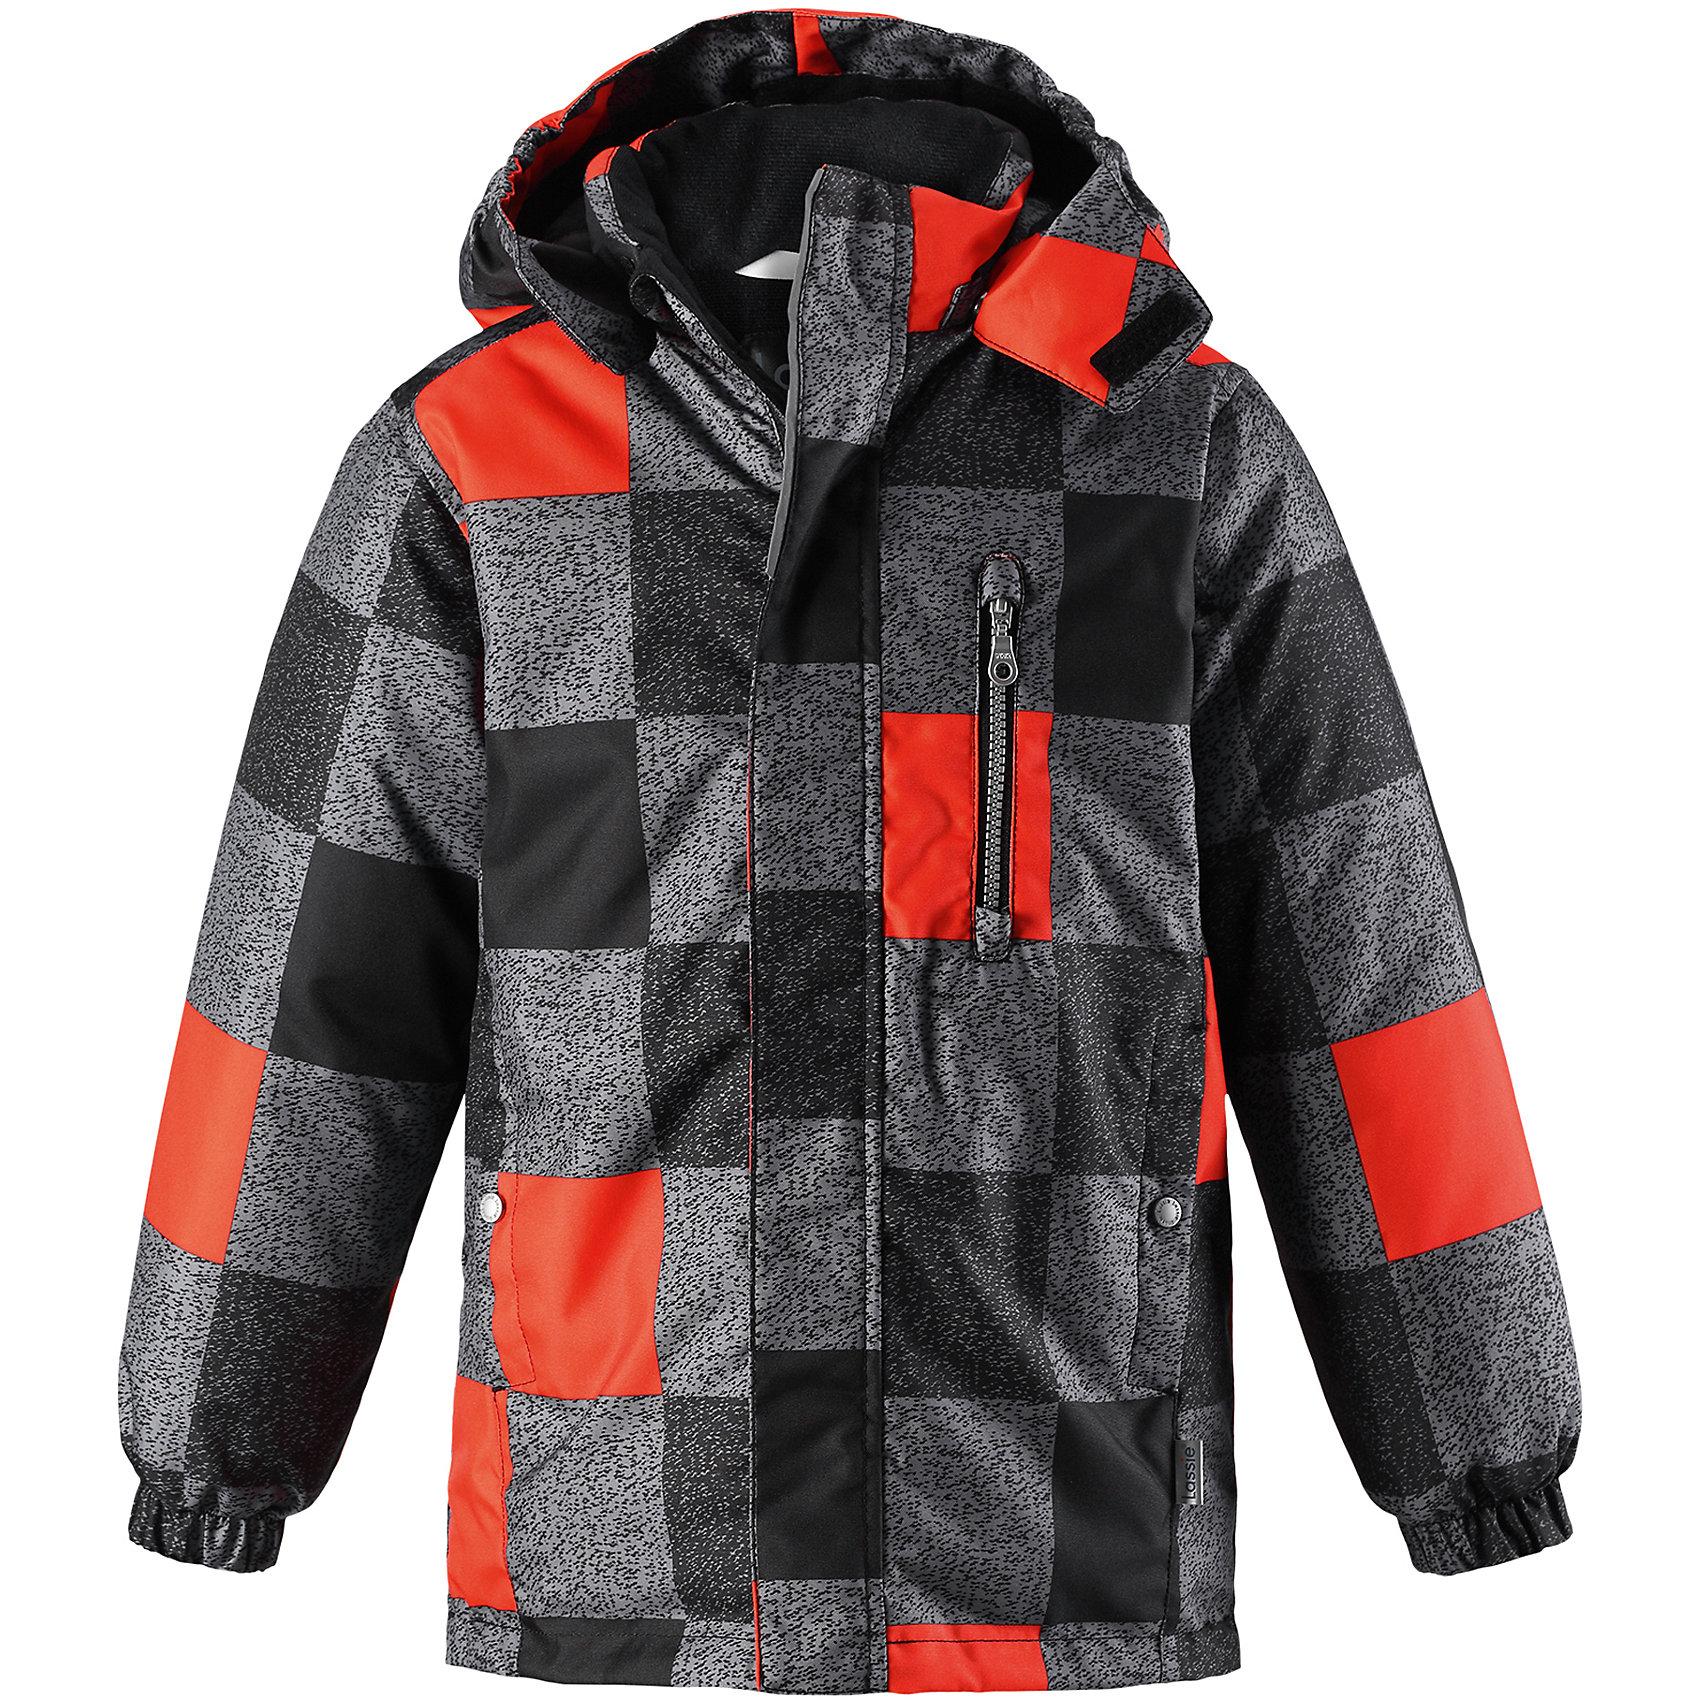 Куртка Lassie для мальчикаОдежда<br>Характеристики товара:<br><br>• цвет: серый/оранжевый;<br>• состав: 100% полиэстер, полиуретановое покрытие;<br>• подкладка: 100% полиэстер;<br>• утеплитель: 180 г/м2;<br>• сезон: зима;<br>• температурный режим: от 0 до -20С;<br>• водонепроницаемость: 1000 мм;<br>• воздухопроницаемость: 1000 мм;<br>• износостойкость: 50000 циклов (тест Мартиндейла);<br>• застежка: молния с дополнительной защитной планкой;<br>• водоотталкивающий, ветронепроницаемый и дышащий материал;<br>• гладкая подкладка из полиэстера;<br>• безопасный съемный капюшон; <br>• эластичные манжеты рукавов; <br>• регулируемый подол;<br>• карманы в боковых швах;<br>• светоотражающие детали;<br>• страна бренда: Финляндия;<br>• страна изготовитель: Китай;<br><br>Хорошо выглядеть в теплой одежде – можно! Эта стильная детская зимняя куртка изготовлена из сверхпрочного материала. Она снабжена съемным капюшоном и карманами на липучках для хранения всех найденных за день сокровищ. Идеальный выбор для детей, которые во время прогулок на свежем воздухе любят резвиться на полную!<br><br>Куртку Lassie (Ласси) для мальчика можно купить в нашем интернет-магазине.<br><br>Ширина мм: 356<br>Глубина мм: 10<br>Высота мм: 245<br>Вес г: 519<br>Цвет: черный<br>Возраст от месяцев: 108<br>Возраст до месяцев: 120<br>Пол: Мужской<br>Возраст: Детский<br>Размер: 140,92,98,104,110,116,122,128,134<br>SKU: 6927621